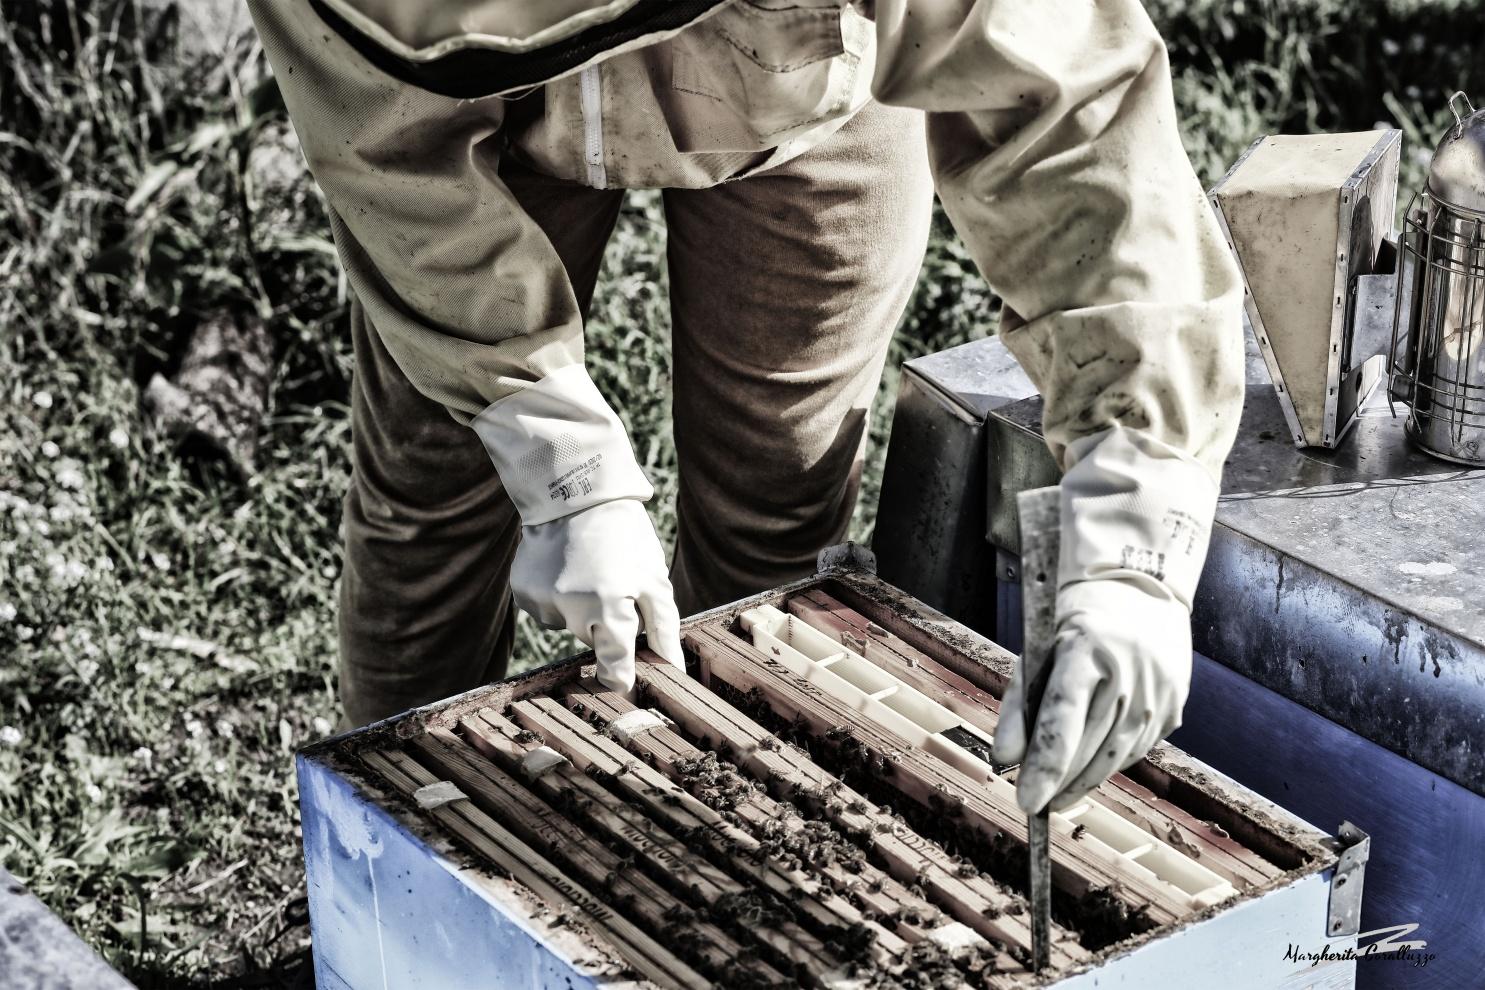 """""""L'arnia e le custodi della vita"""" - L'alveare è il rifugio artificiale dove vivere le api e può essere un contenitore di varie forme e dimensioni, costruito con i più svariati materiali e all'interno del quale le api costruiscono i favi, allevano la covata e depositano il miele."""